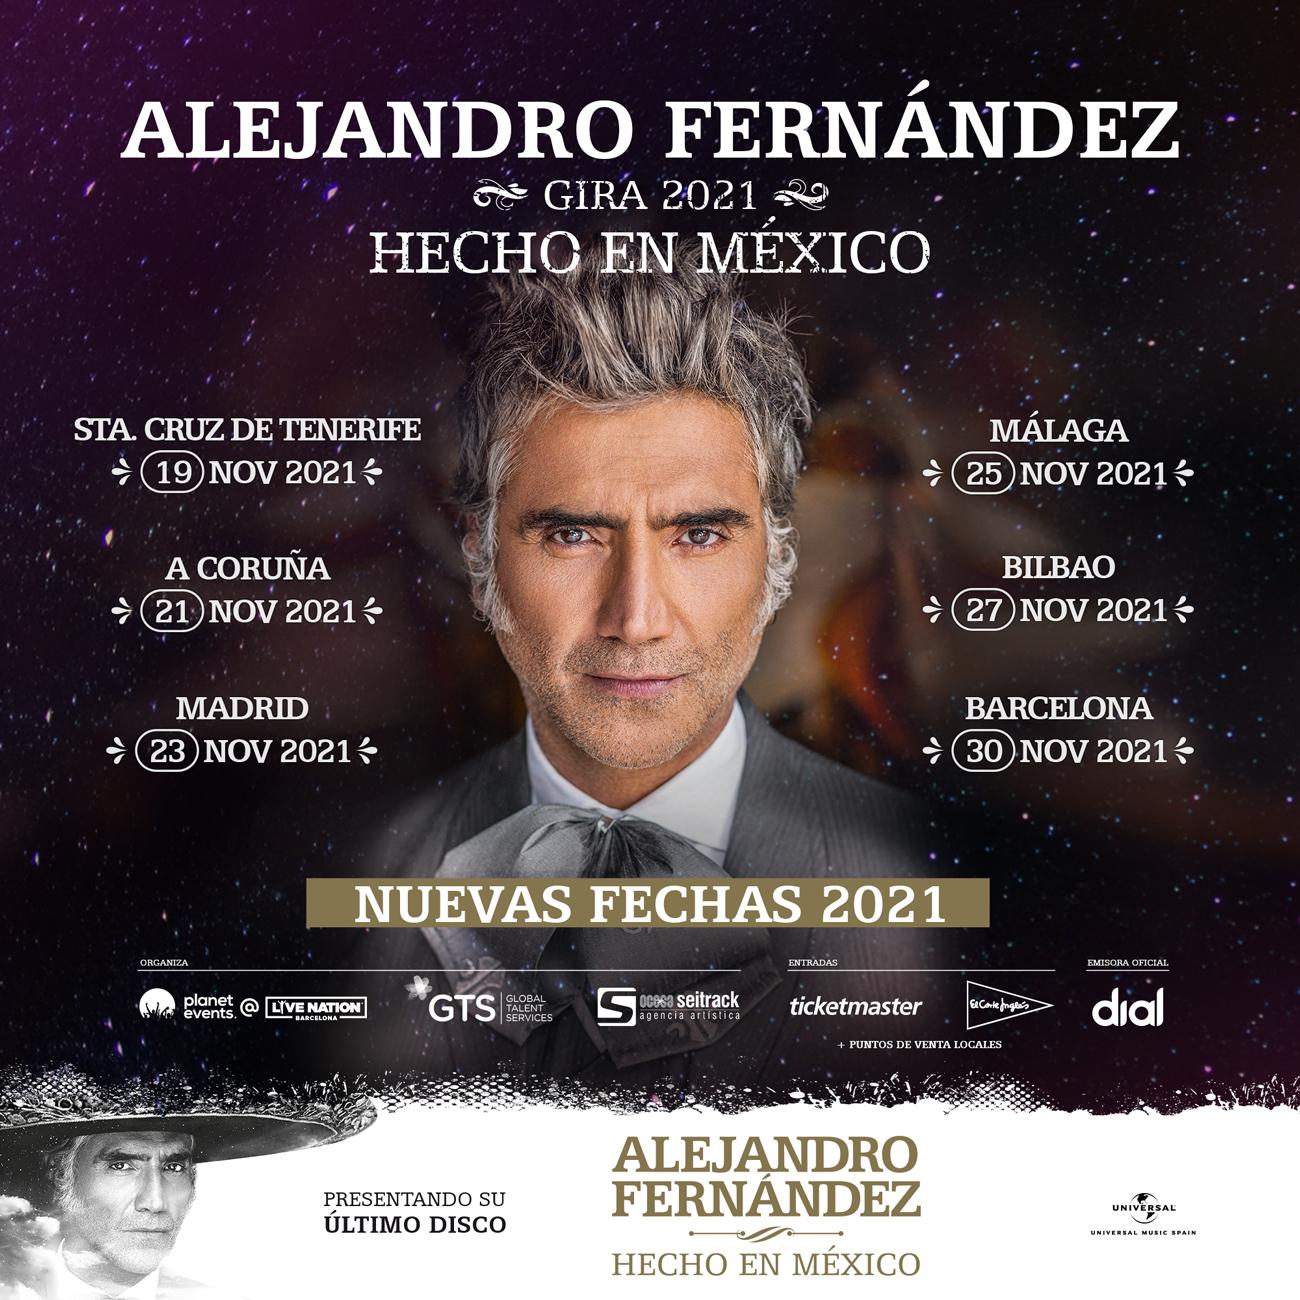 Hecho en México, el último proyecto discográfico de Alejandro Fernández